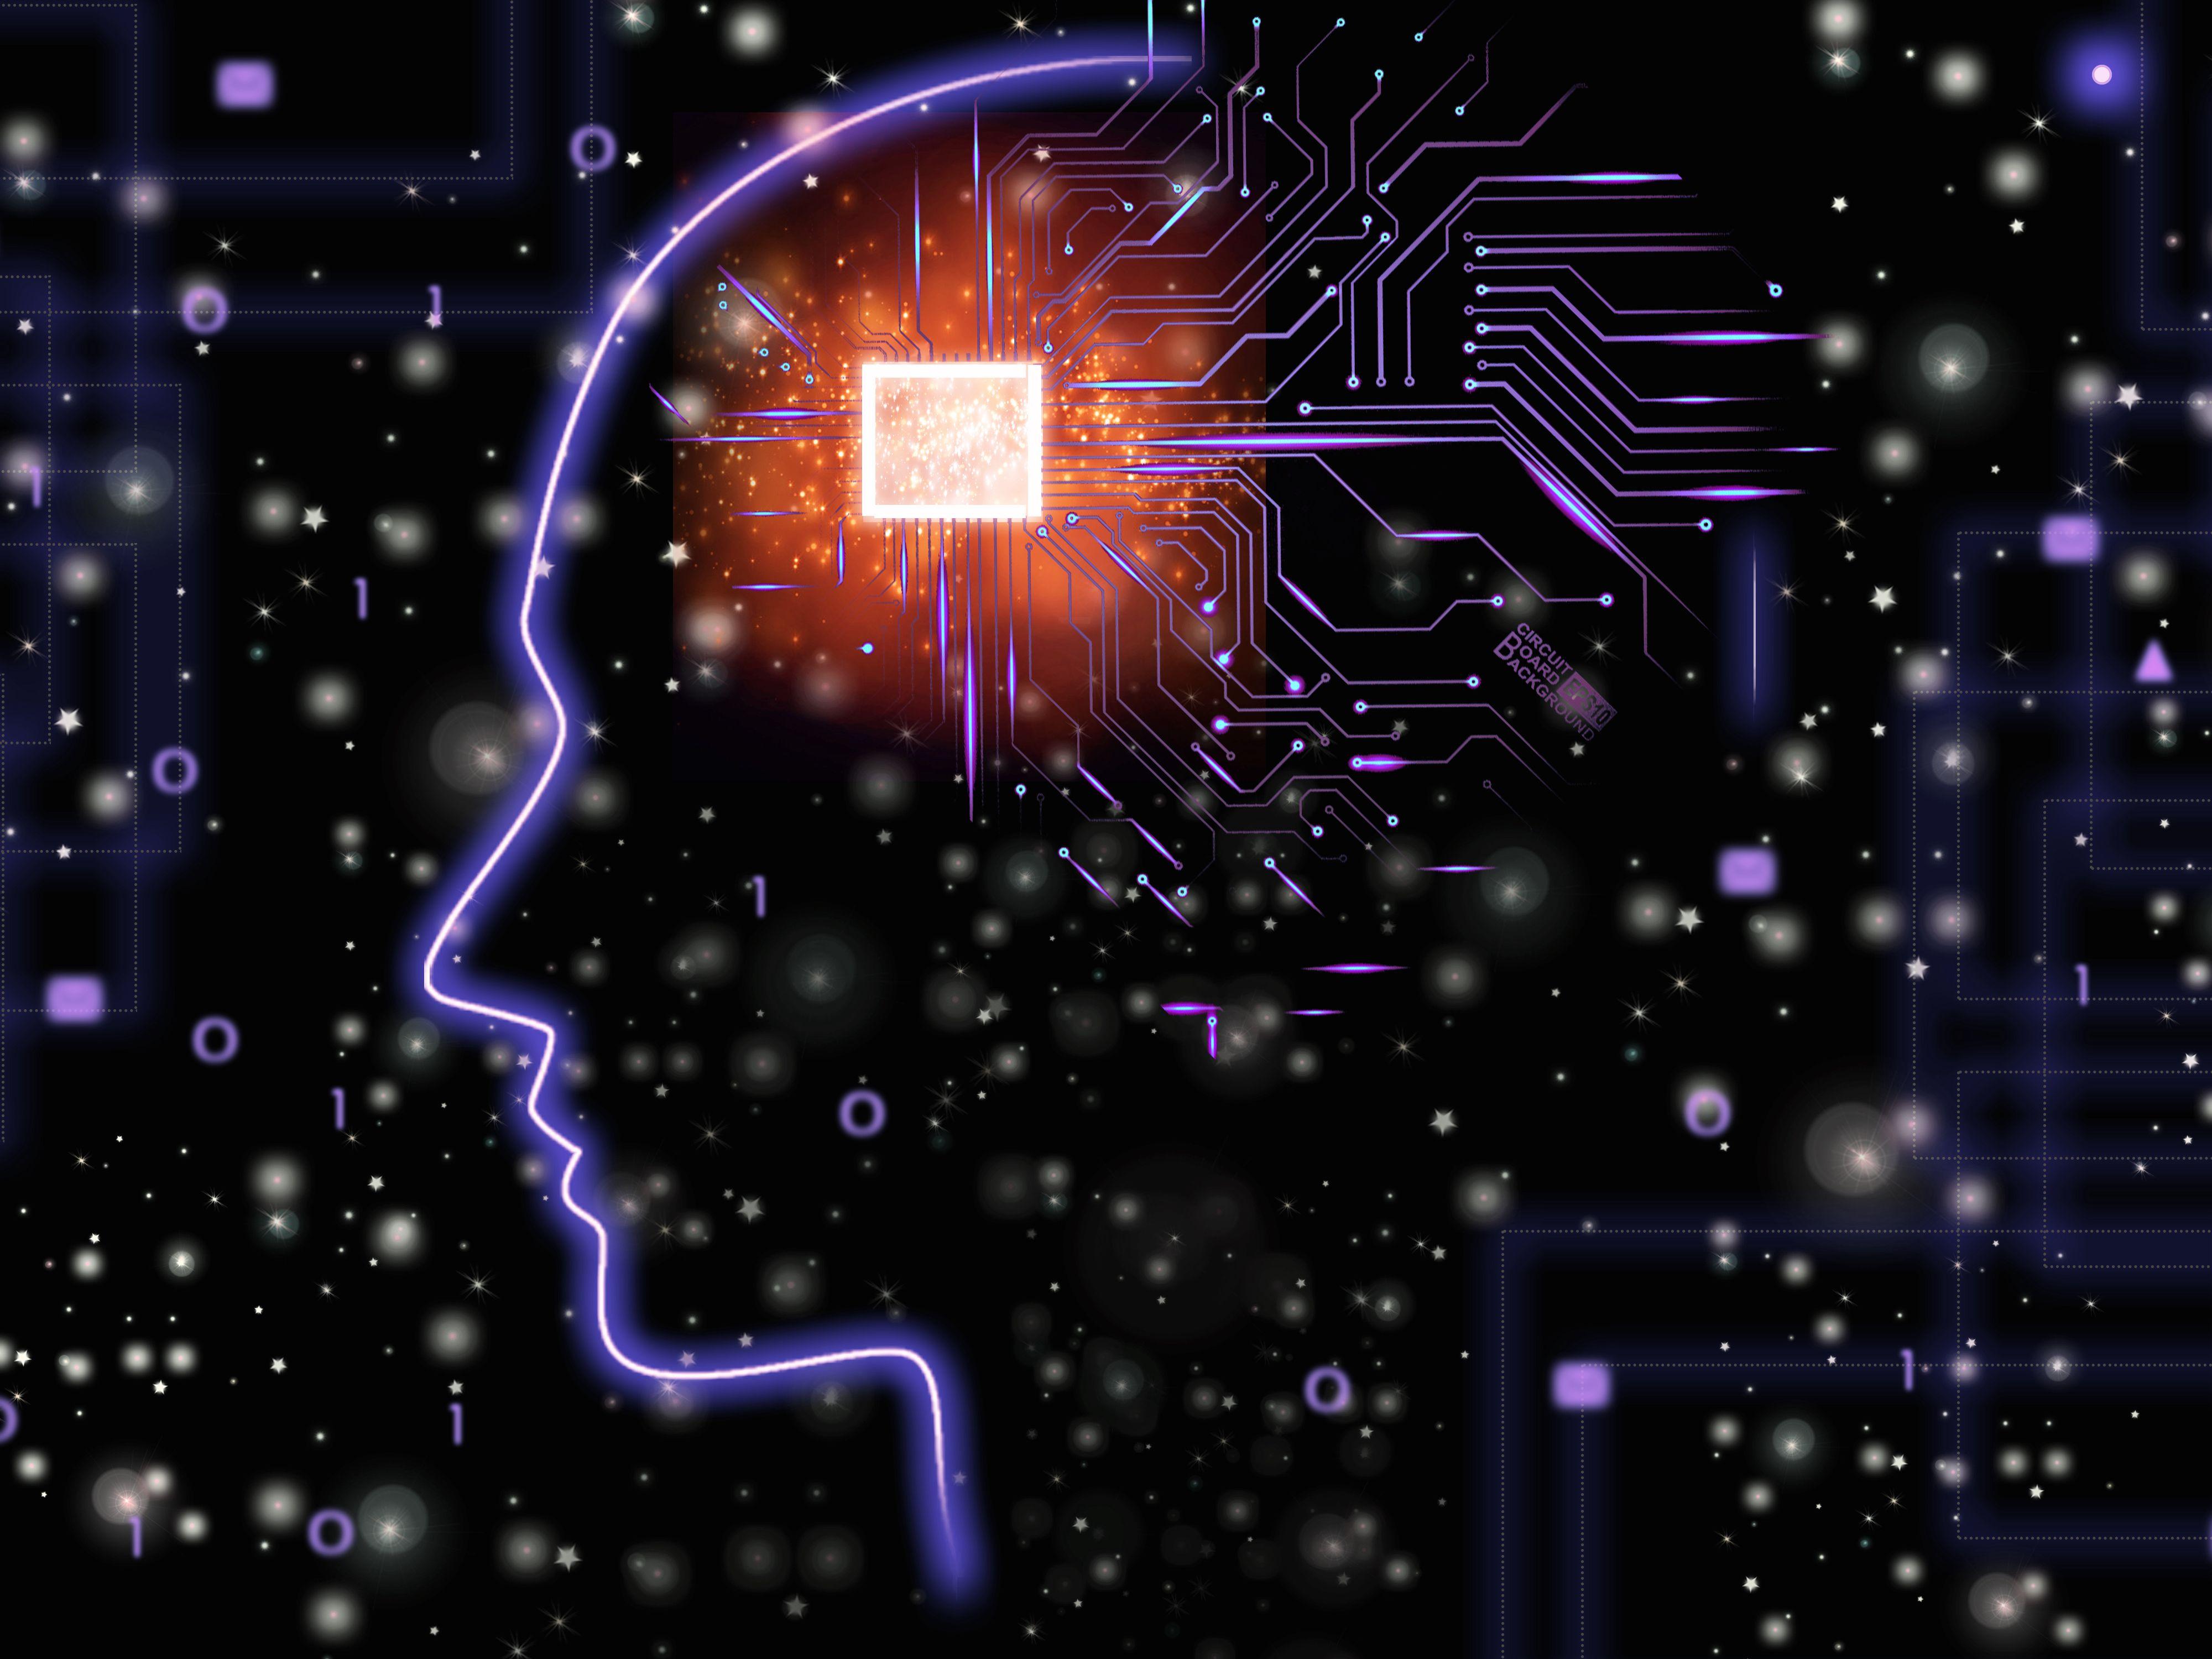 易欢欢:新时代的科技经济学:科技创新与企业转型